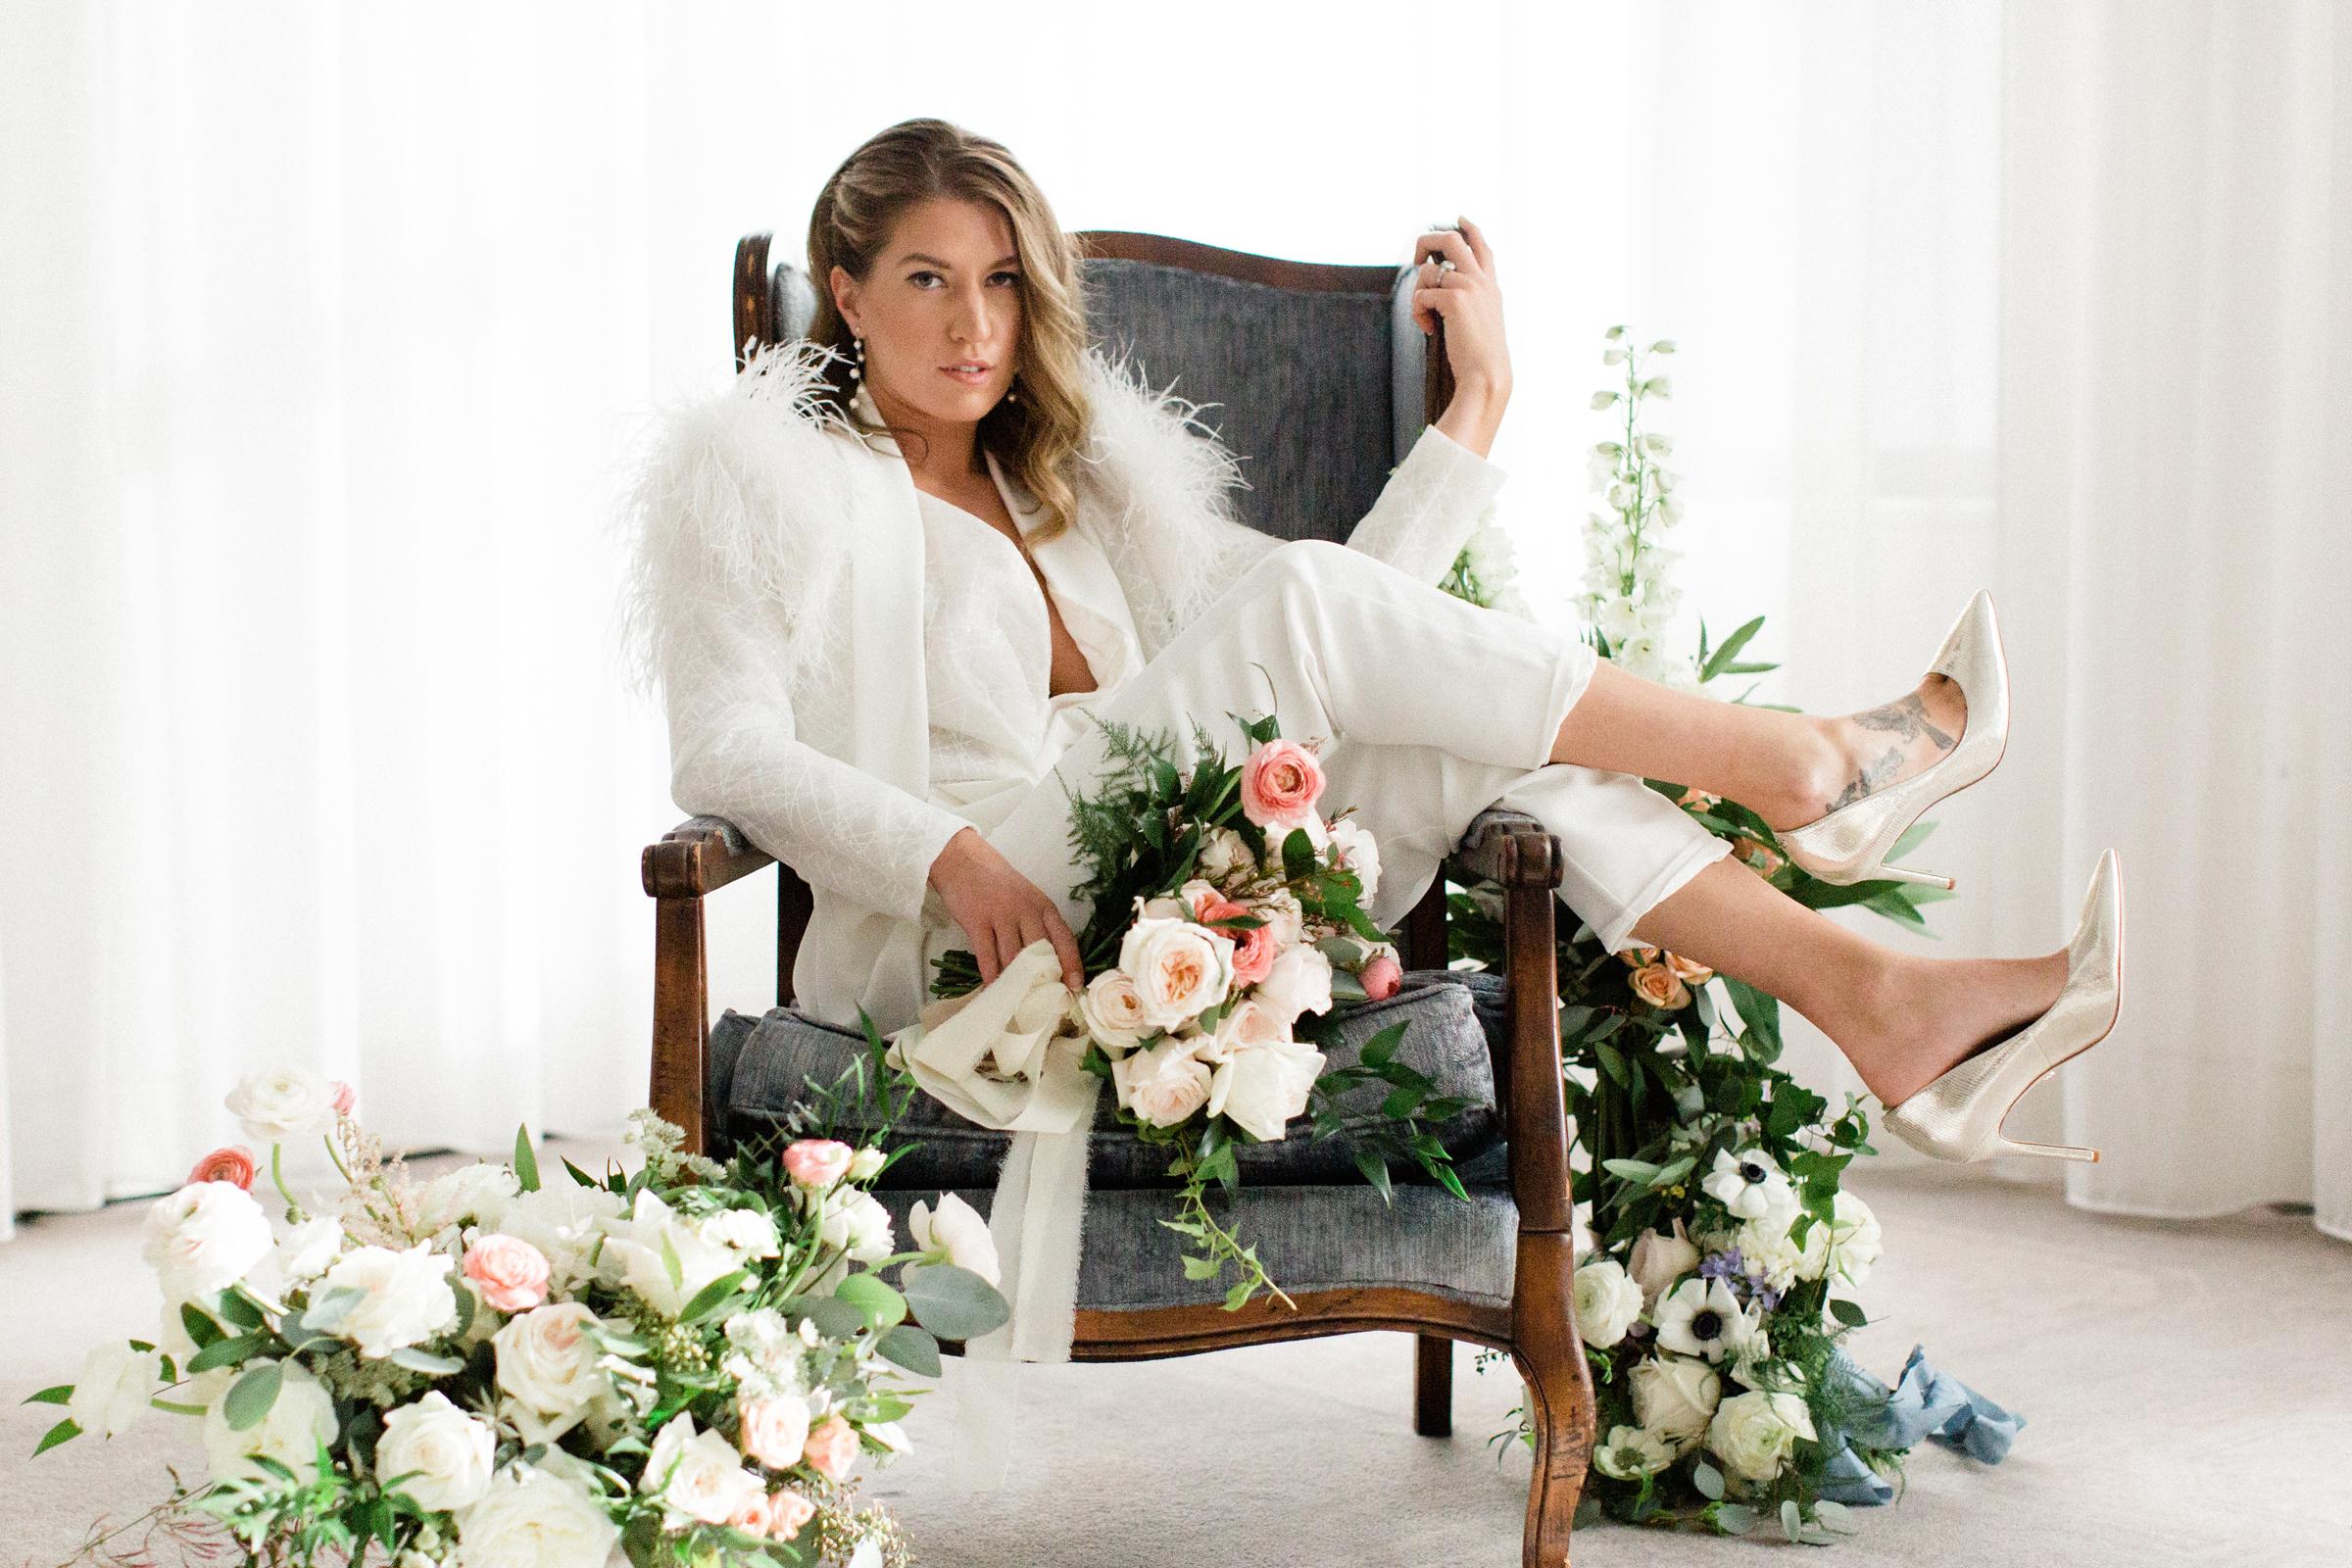 Bride in Pantsuit from Varca Bridal